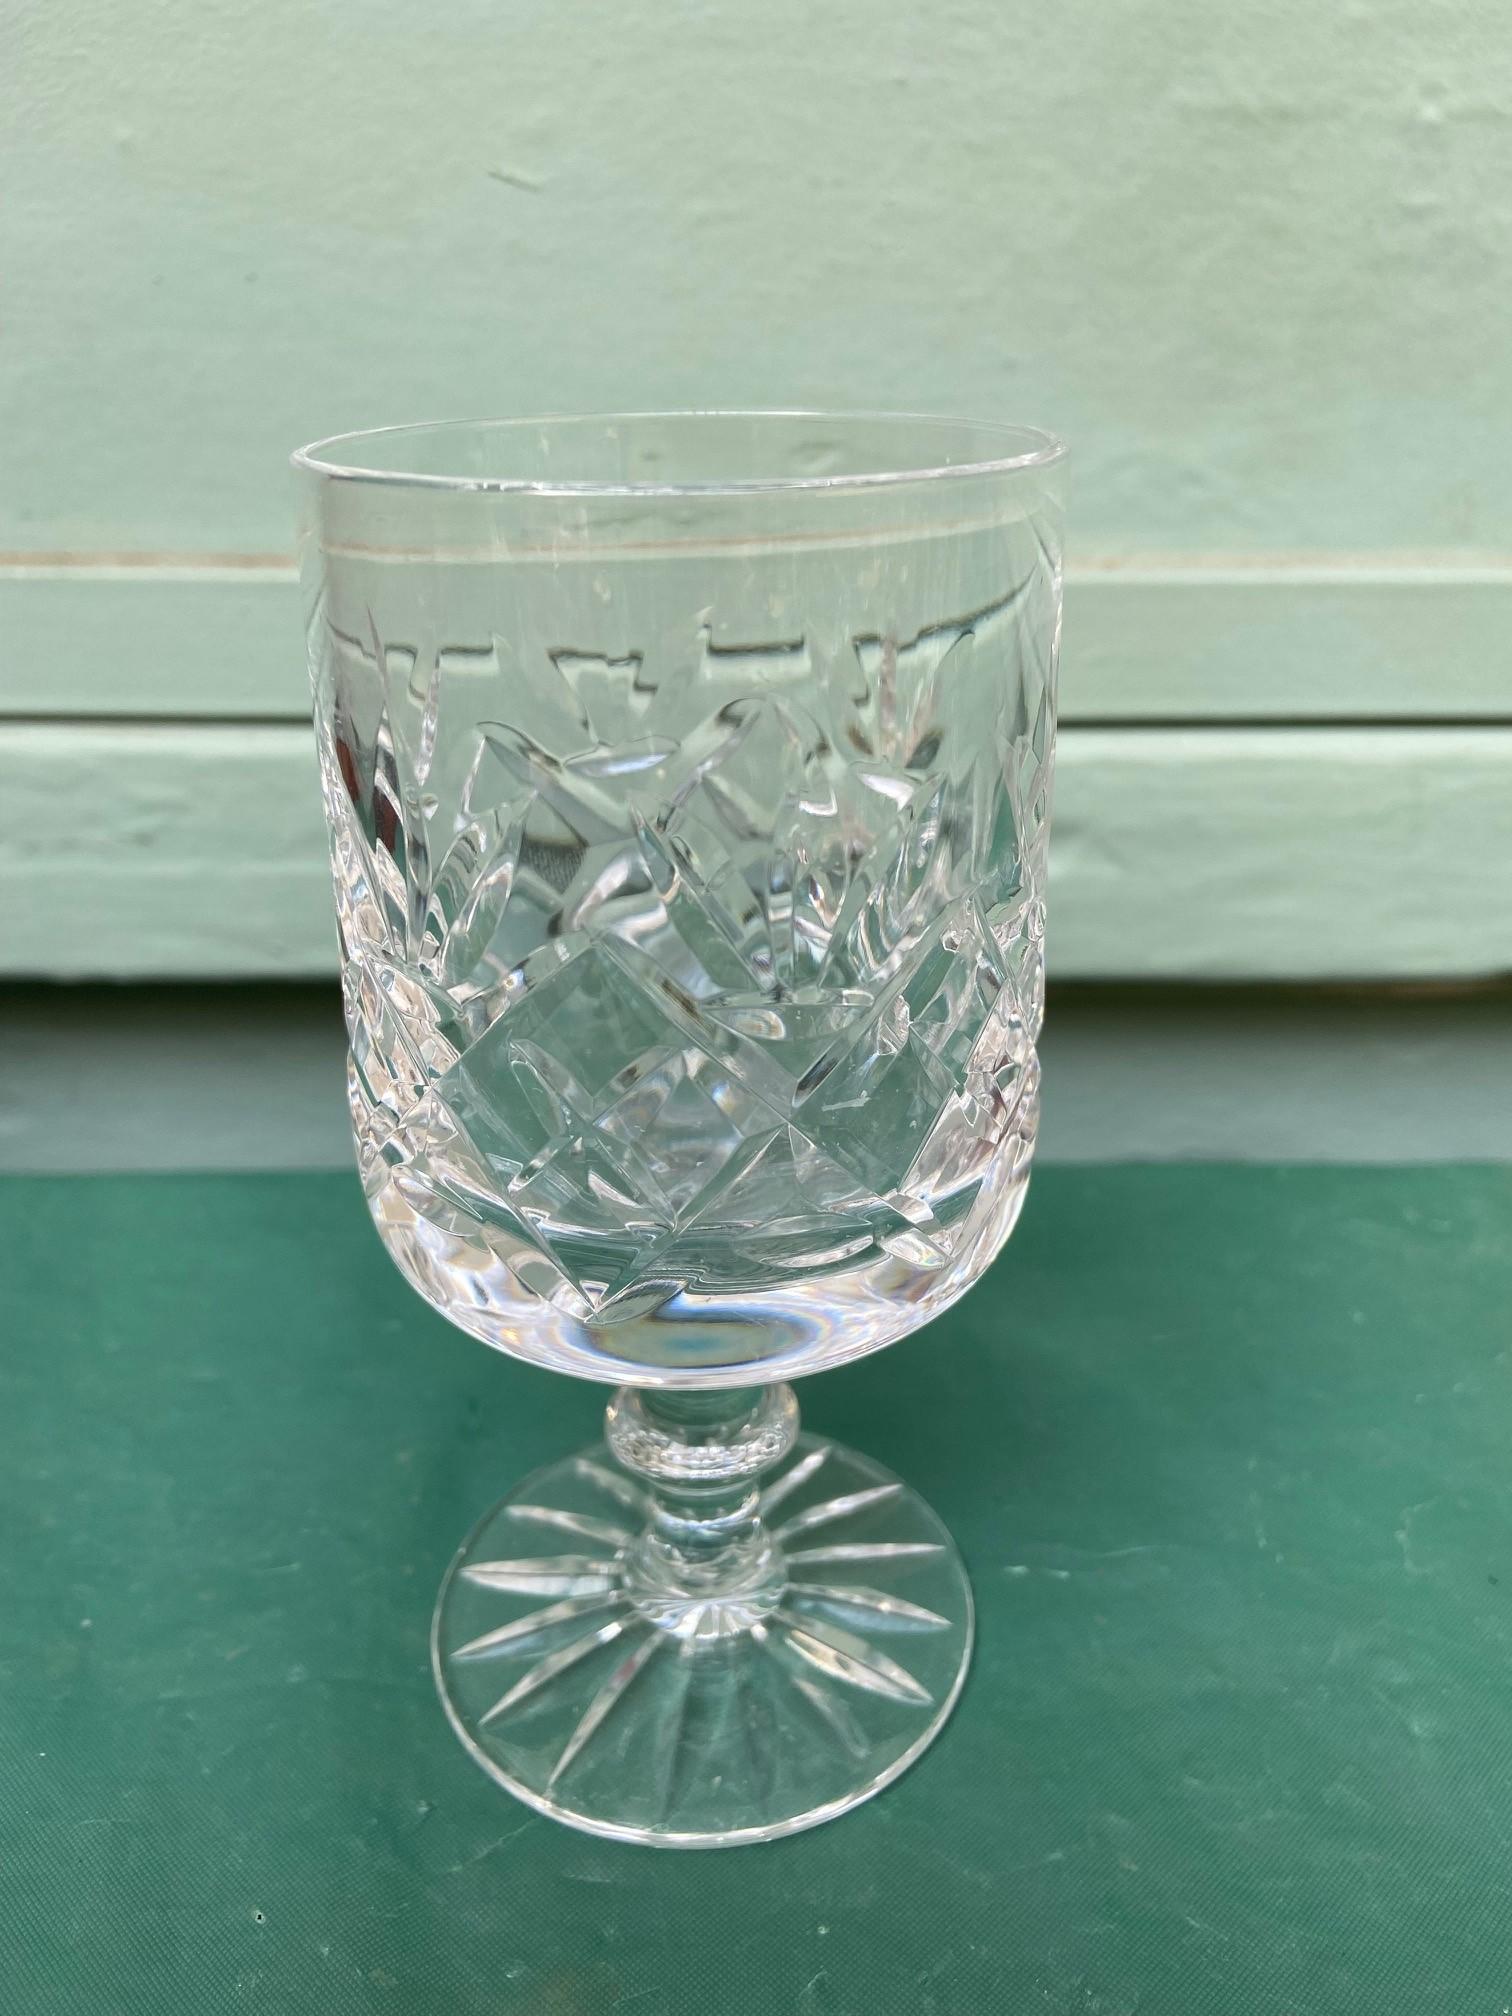 6 diamond cut Stuart crystal wine glasses - Image 6 of 11